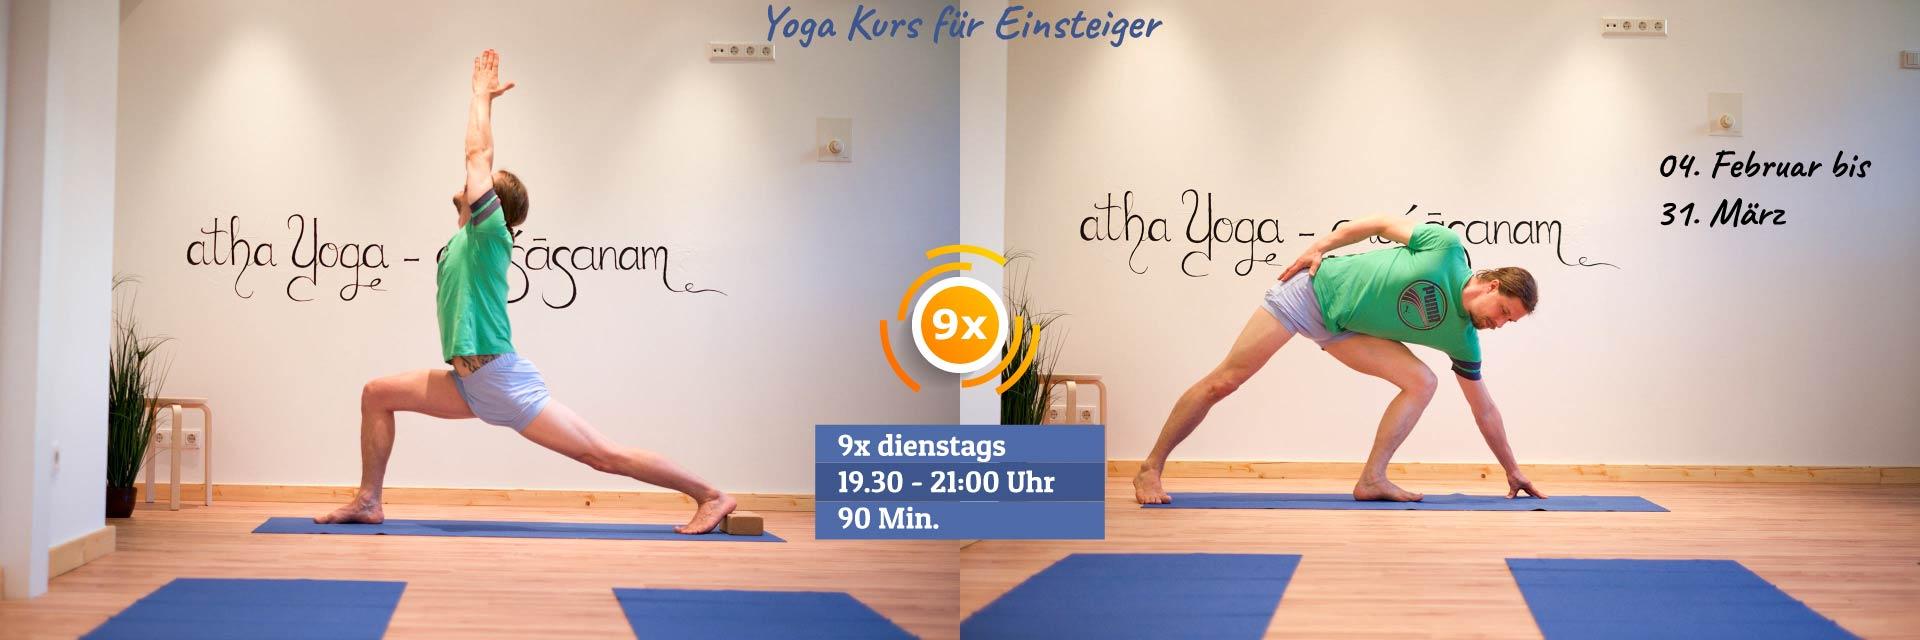 Einsteiger Kurs Februar | COPYRIGHT © Adamus Yoga Studio 2020